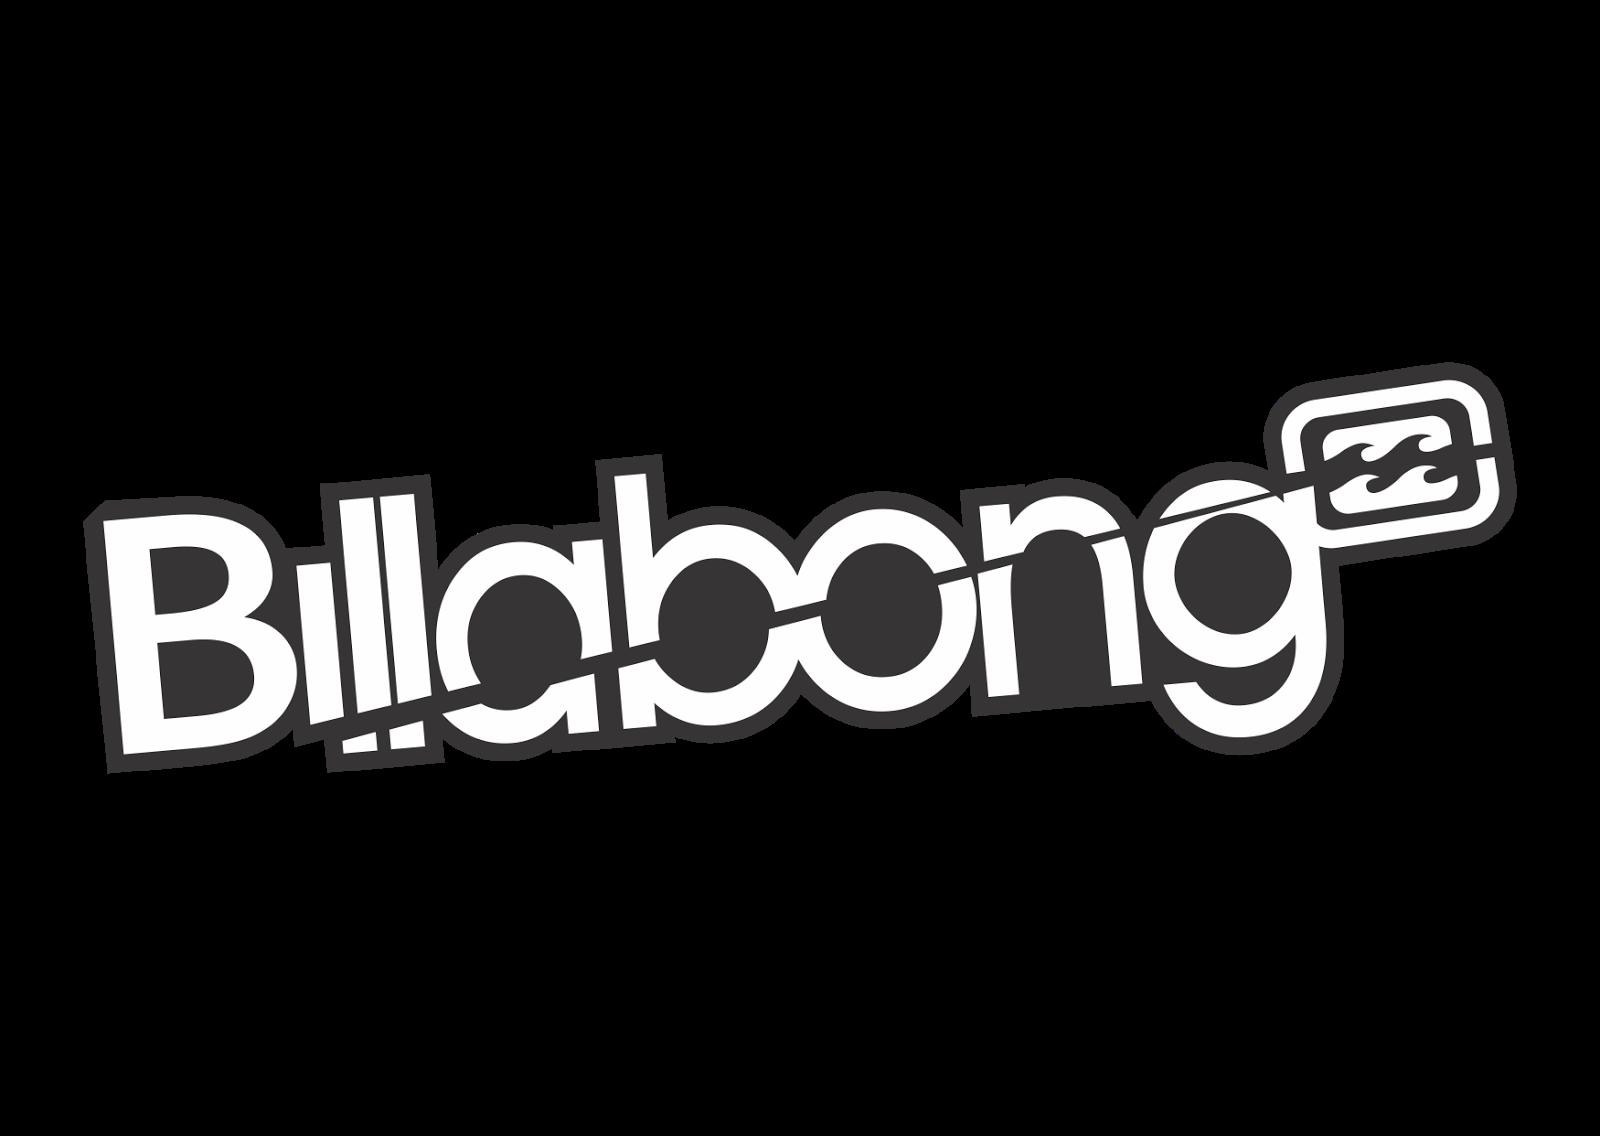 Billabong svg #15, Download drawings